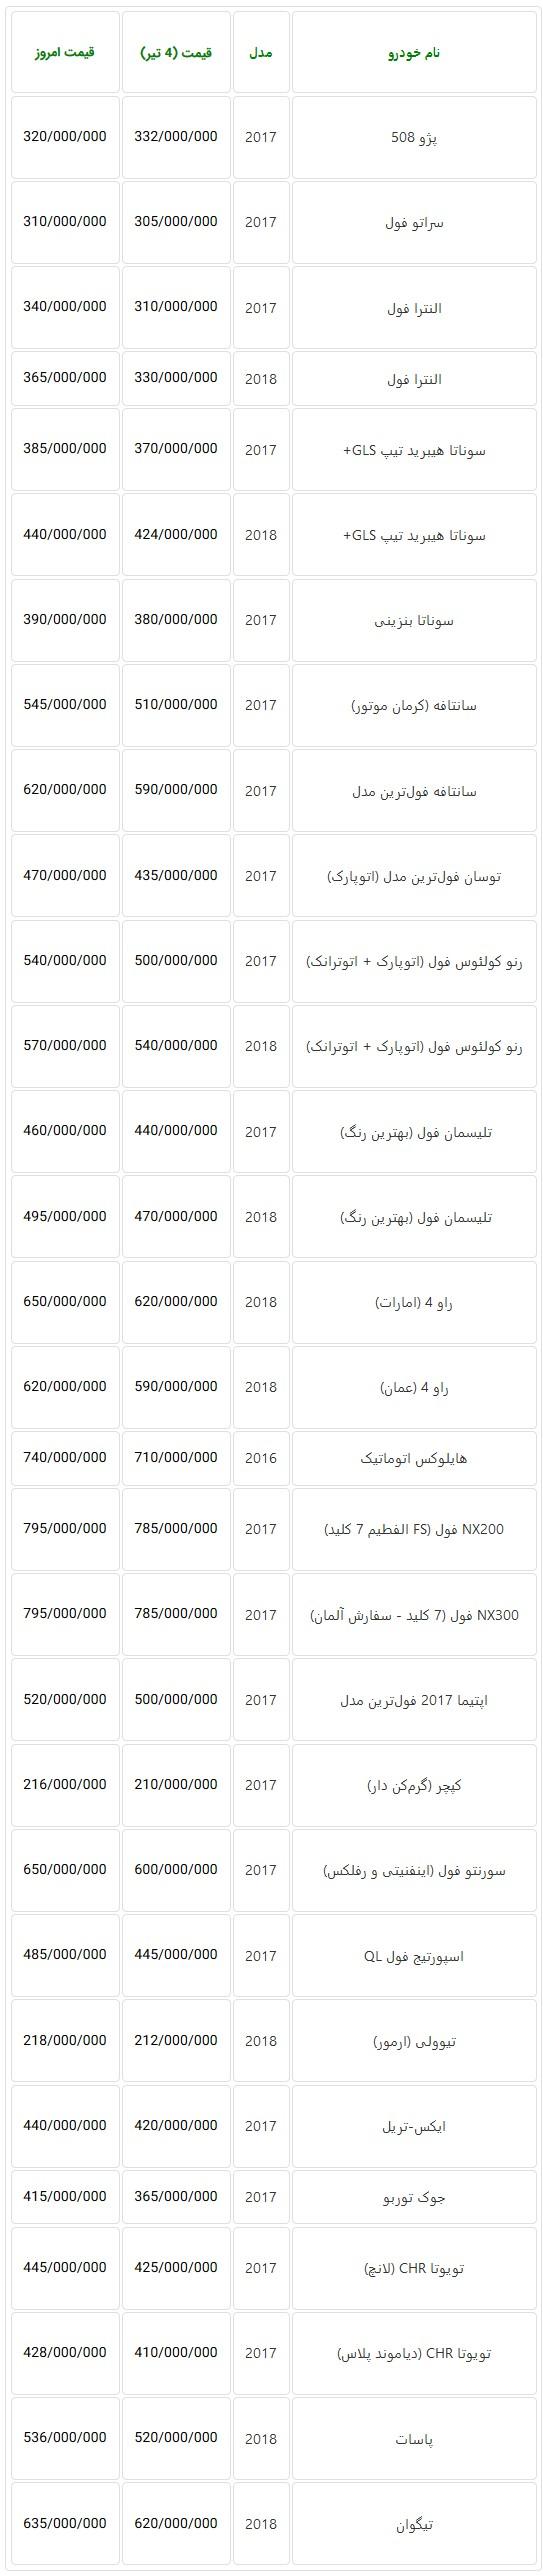 افزایش مجدد قیمت خودروهای وارداتی در بازار امروز تهران + جدول